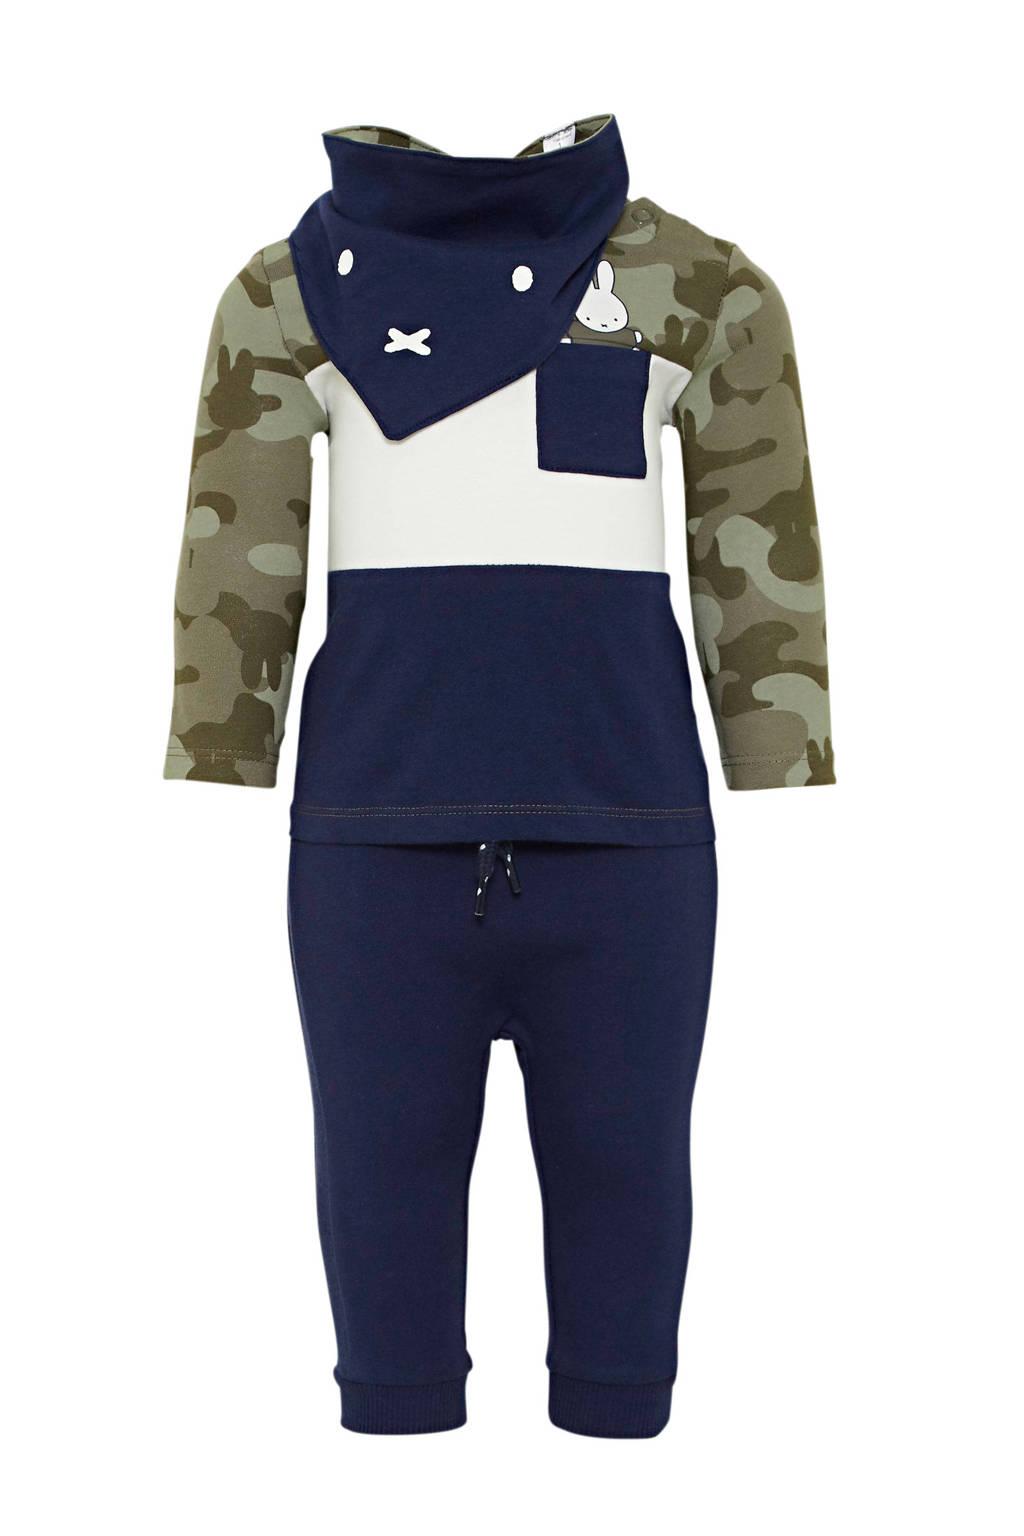 C&A longsleeve + broek en slab Nijntje army groen/donkerblauw, Donkerblauw/army groen